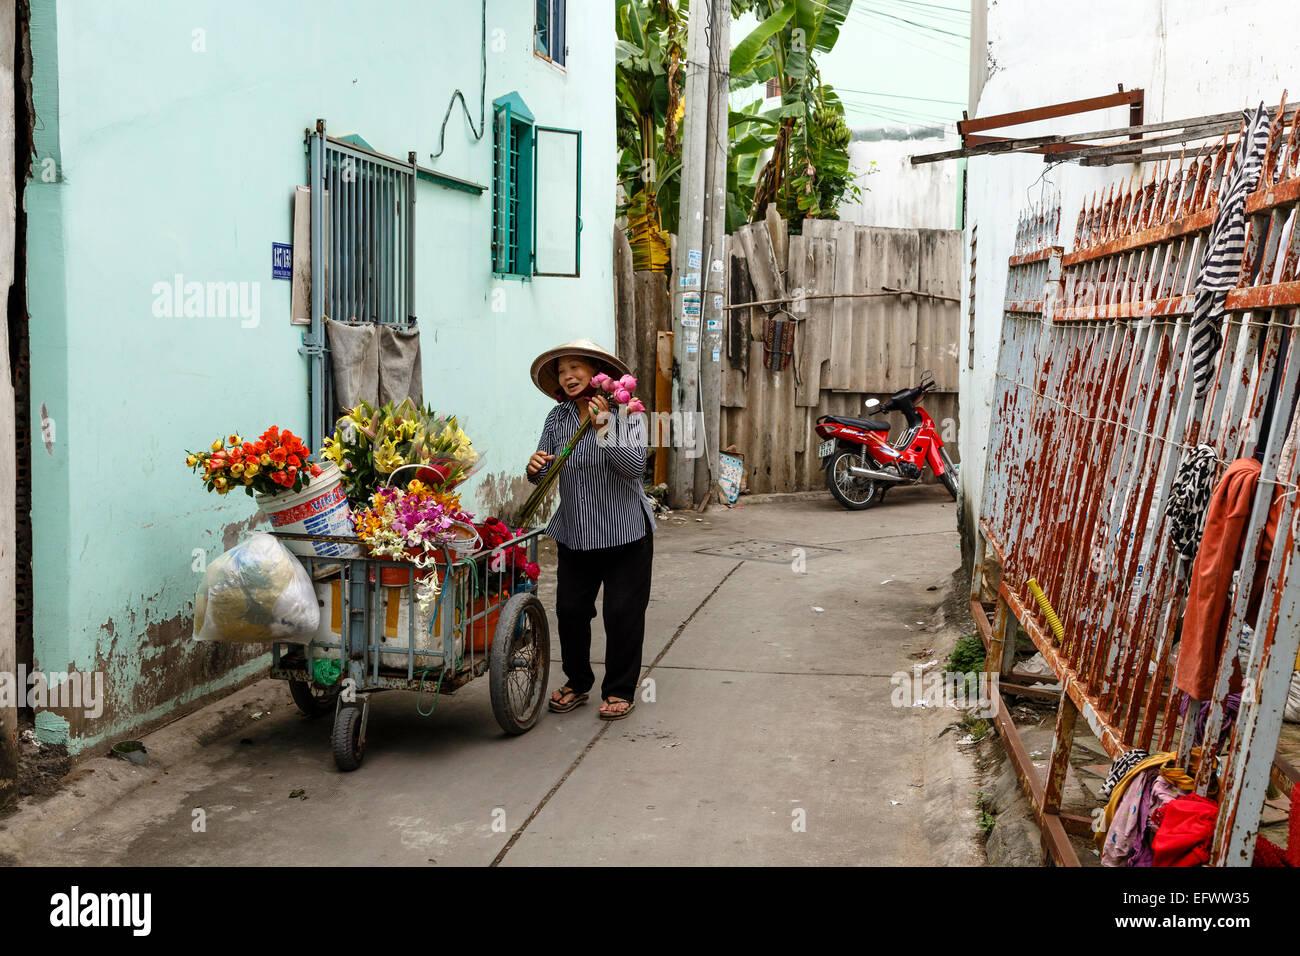 Flower Seller, Can Tho, Mekong Delta, Vietnam - Stock Image